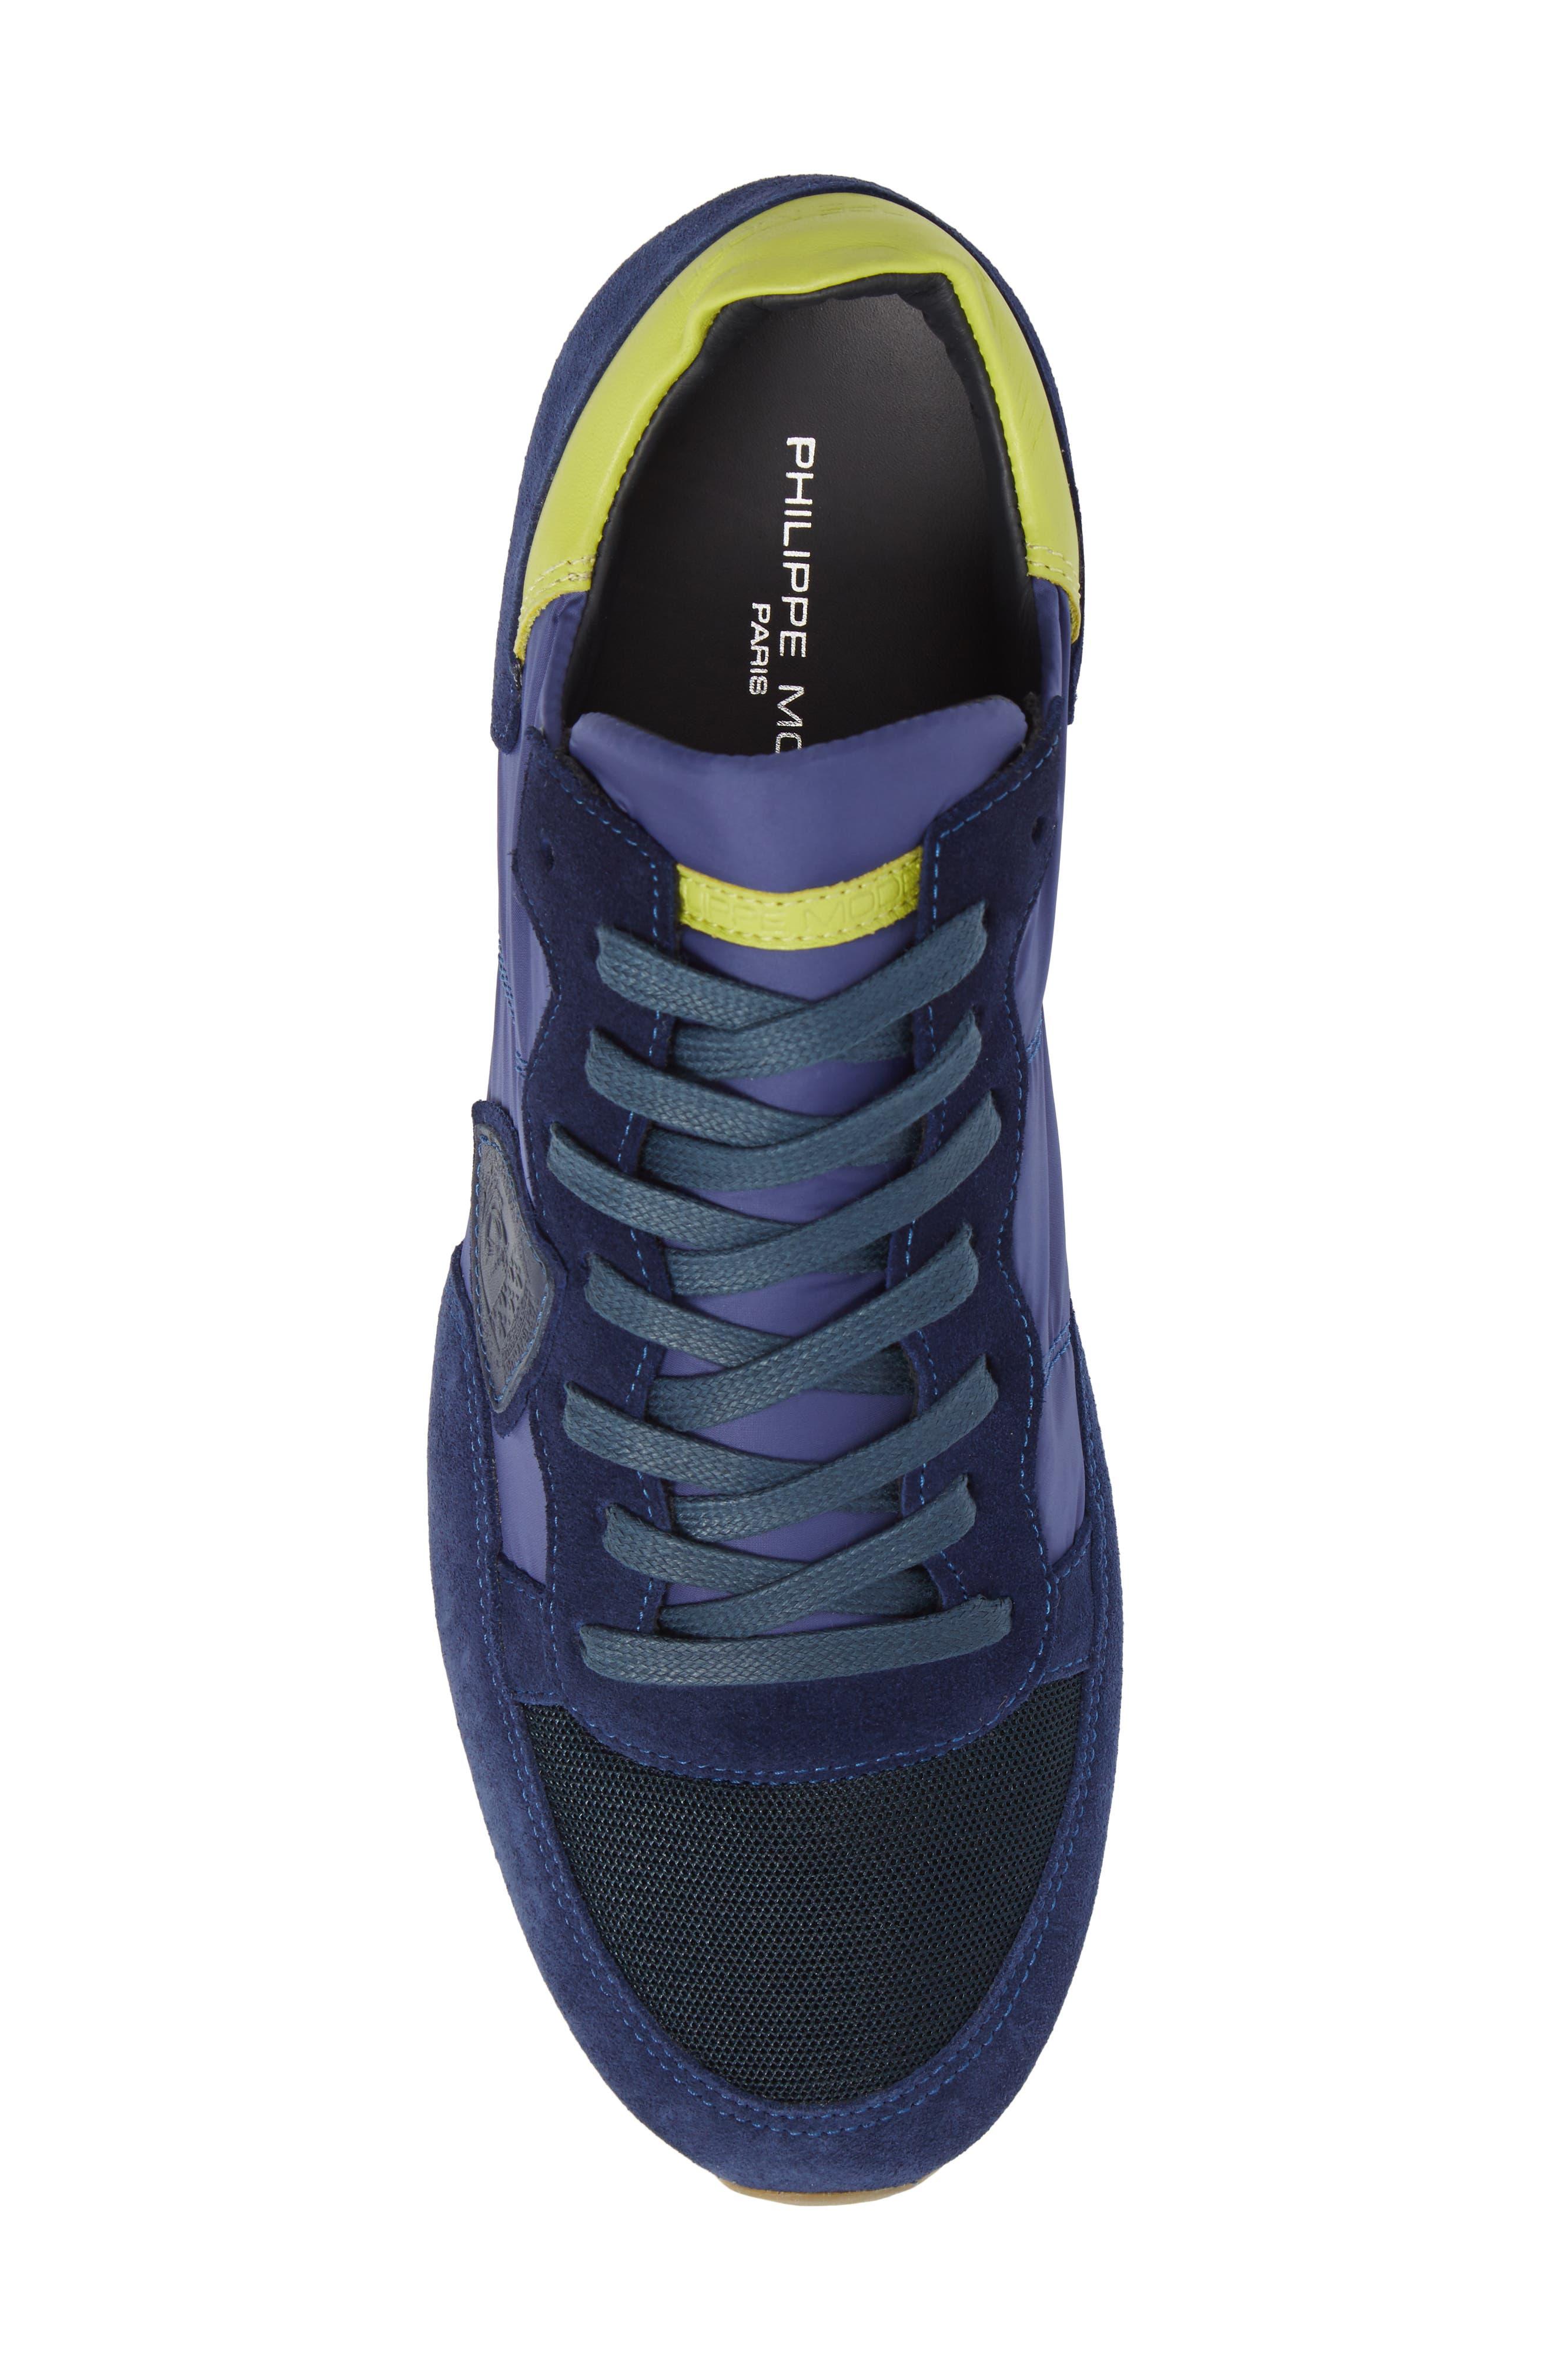 Tropez Low Top Sneaker,                             Alternate thumbnail 5, color,                             Blue/ Citron